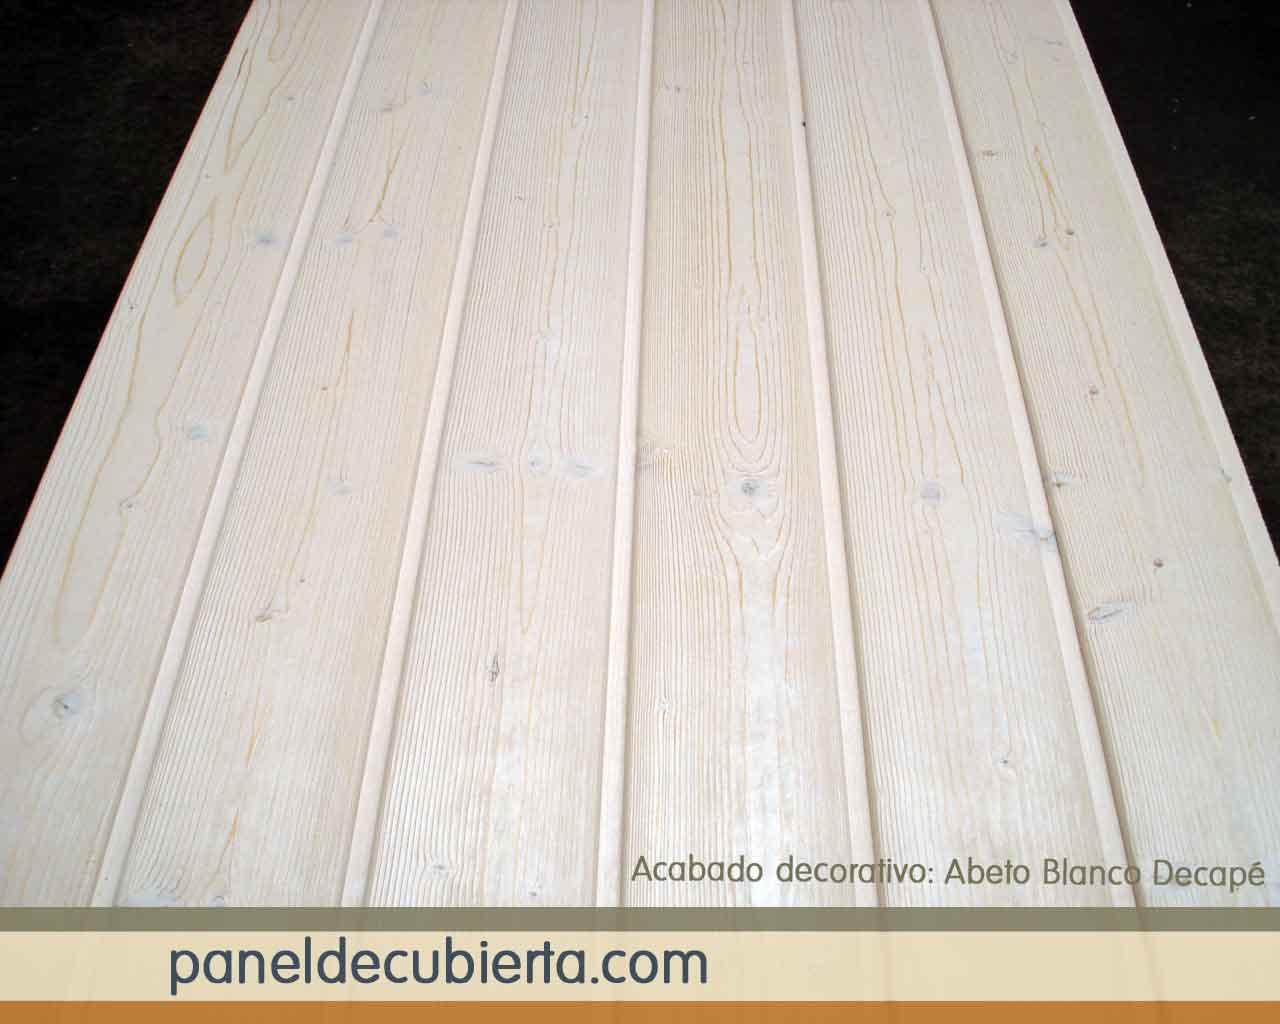 Abeto blanco decapé, acabado de panel de madera.